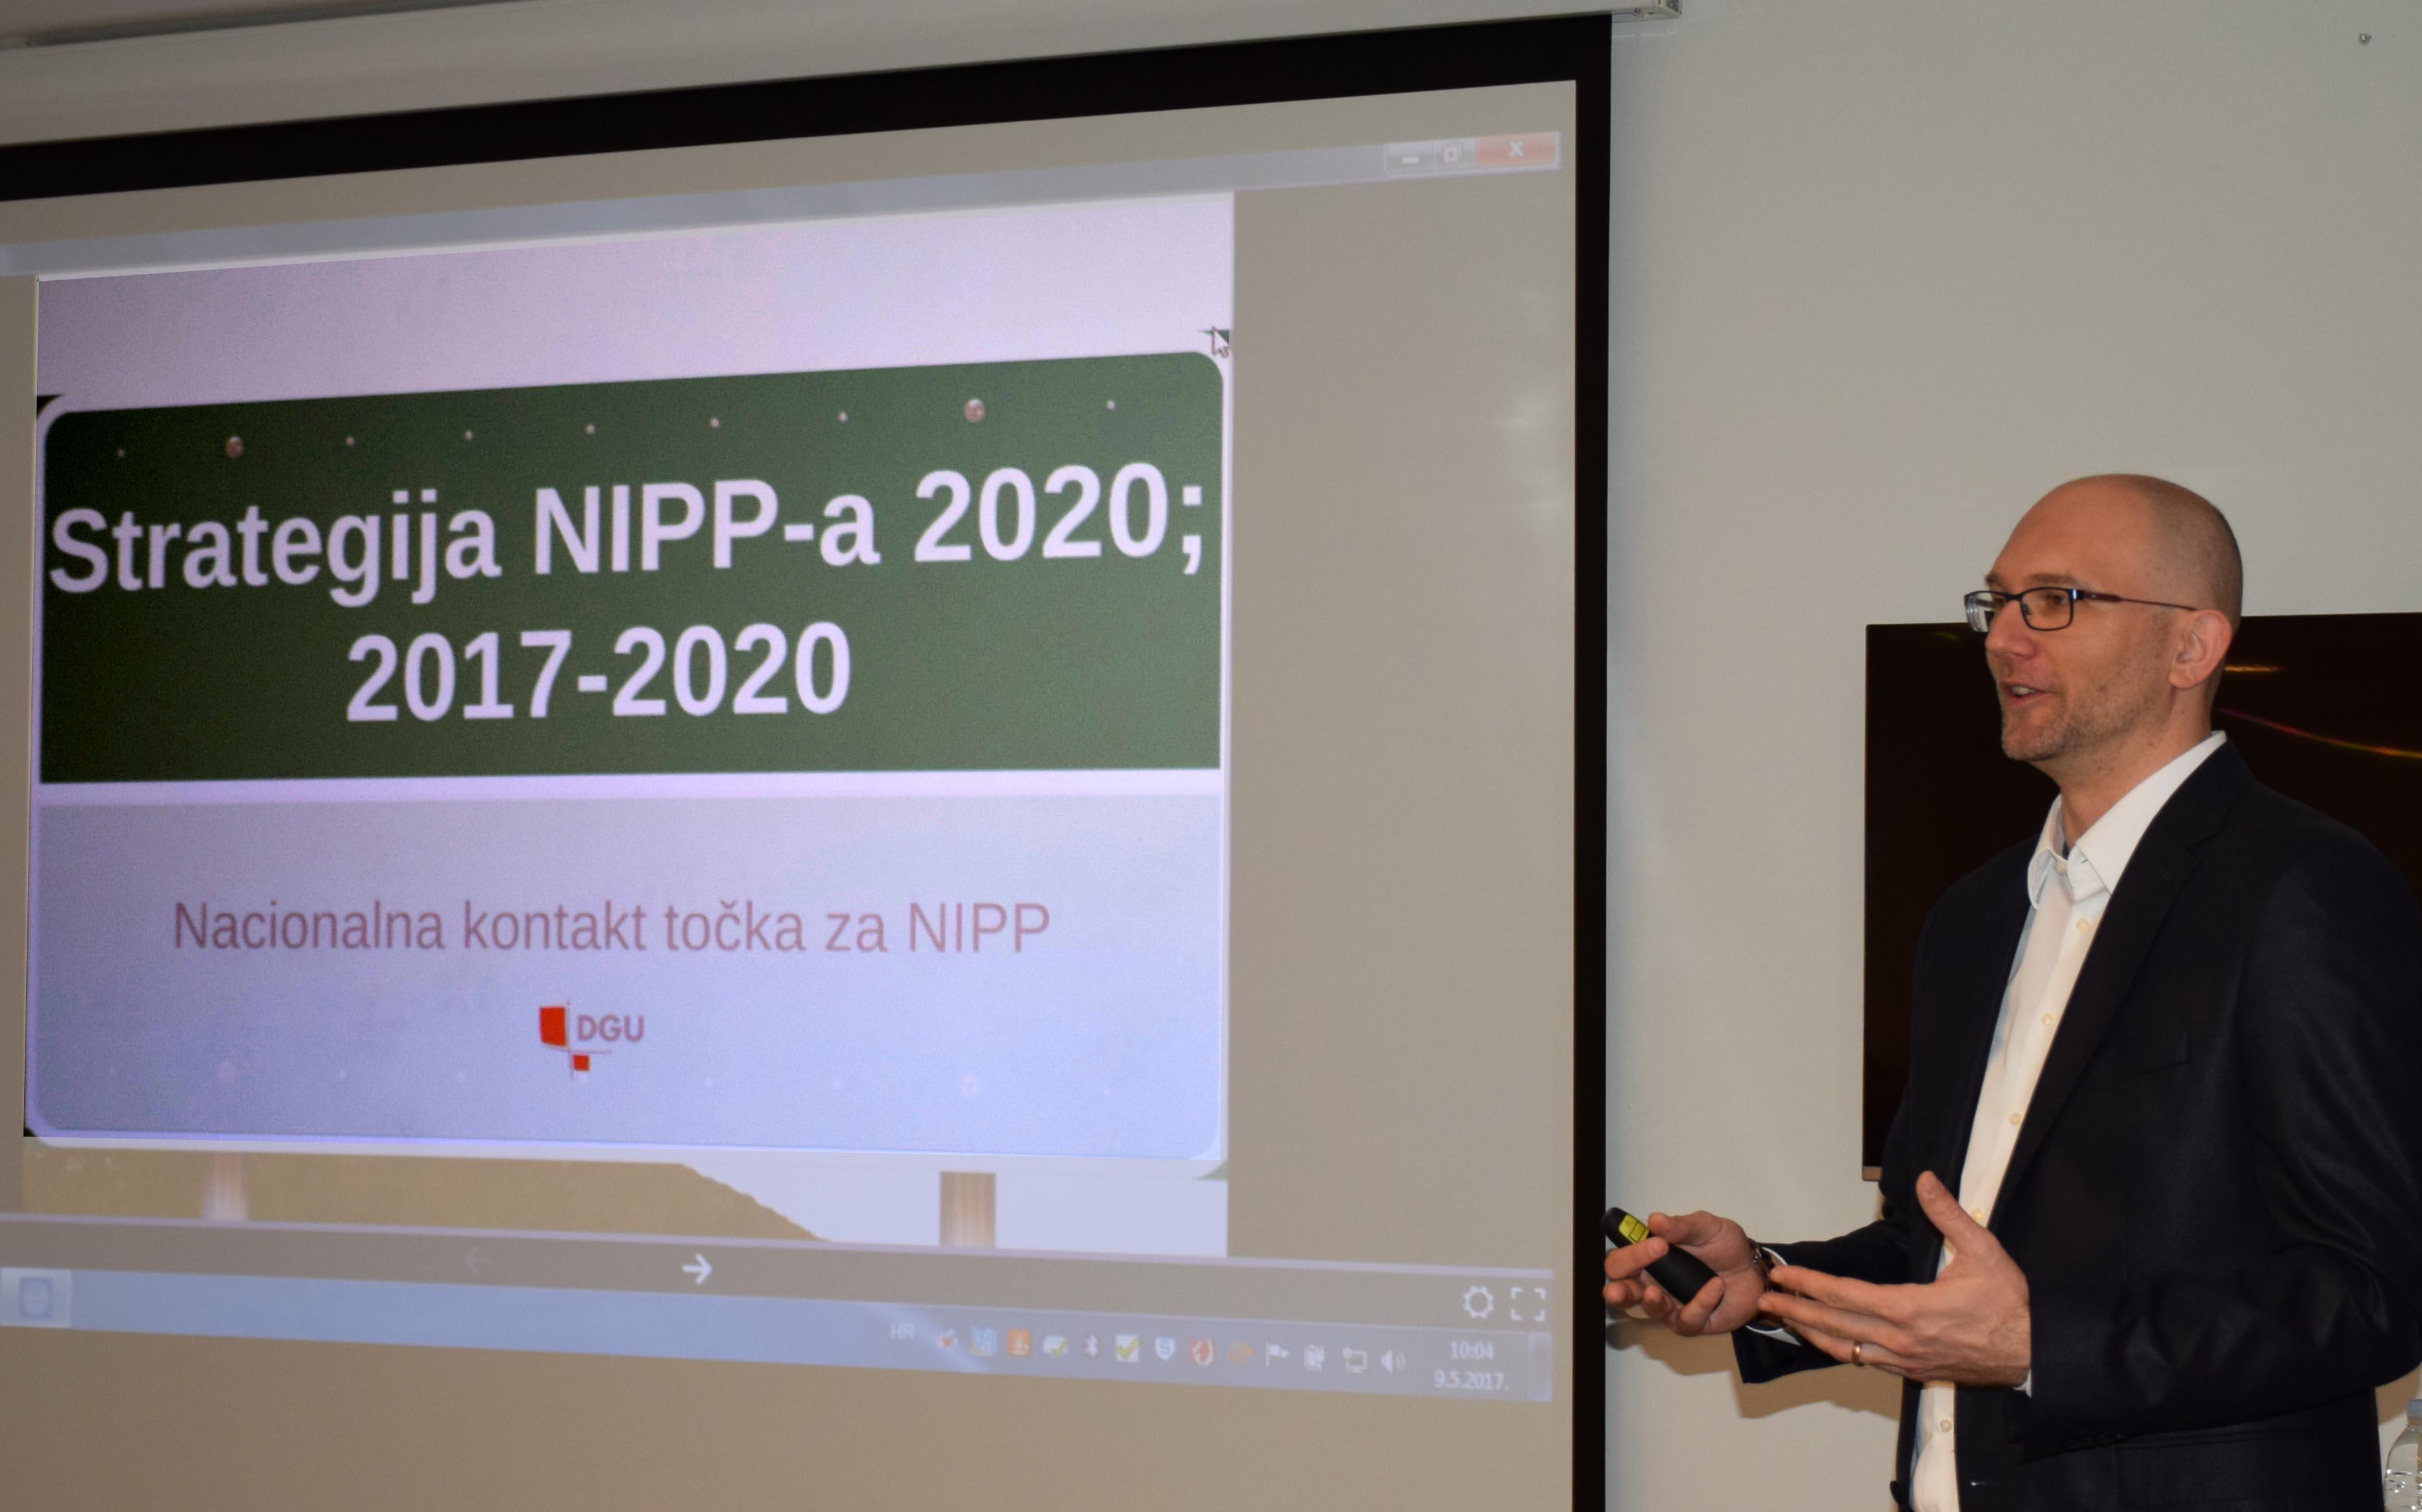 Slika prikazuje Tomislava Cicelija tijekom predstavljanja Strategije NIPP-a 2020.